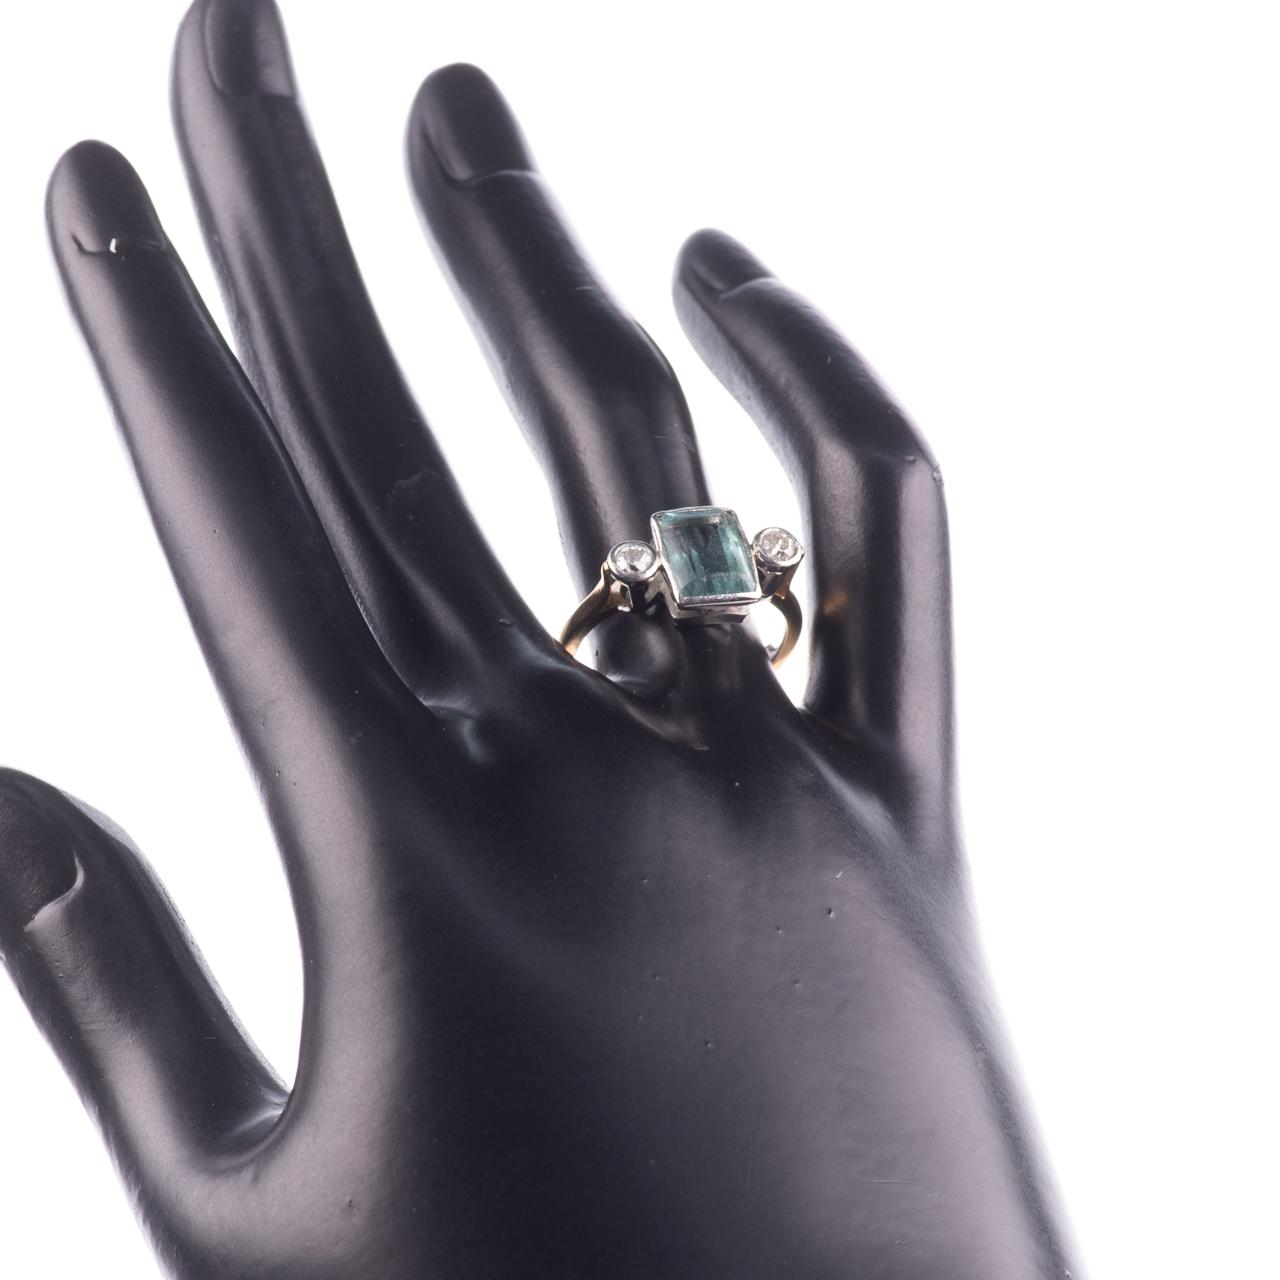 22ct Gold & Platinum 2ct Aquamarine & Diamond Art Deco Ring - Image 2 of 8